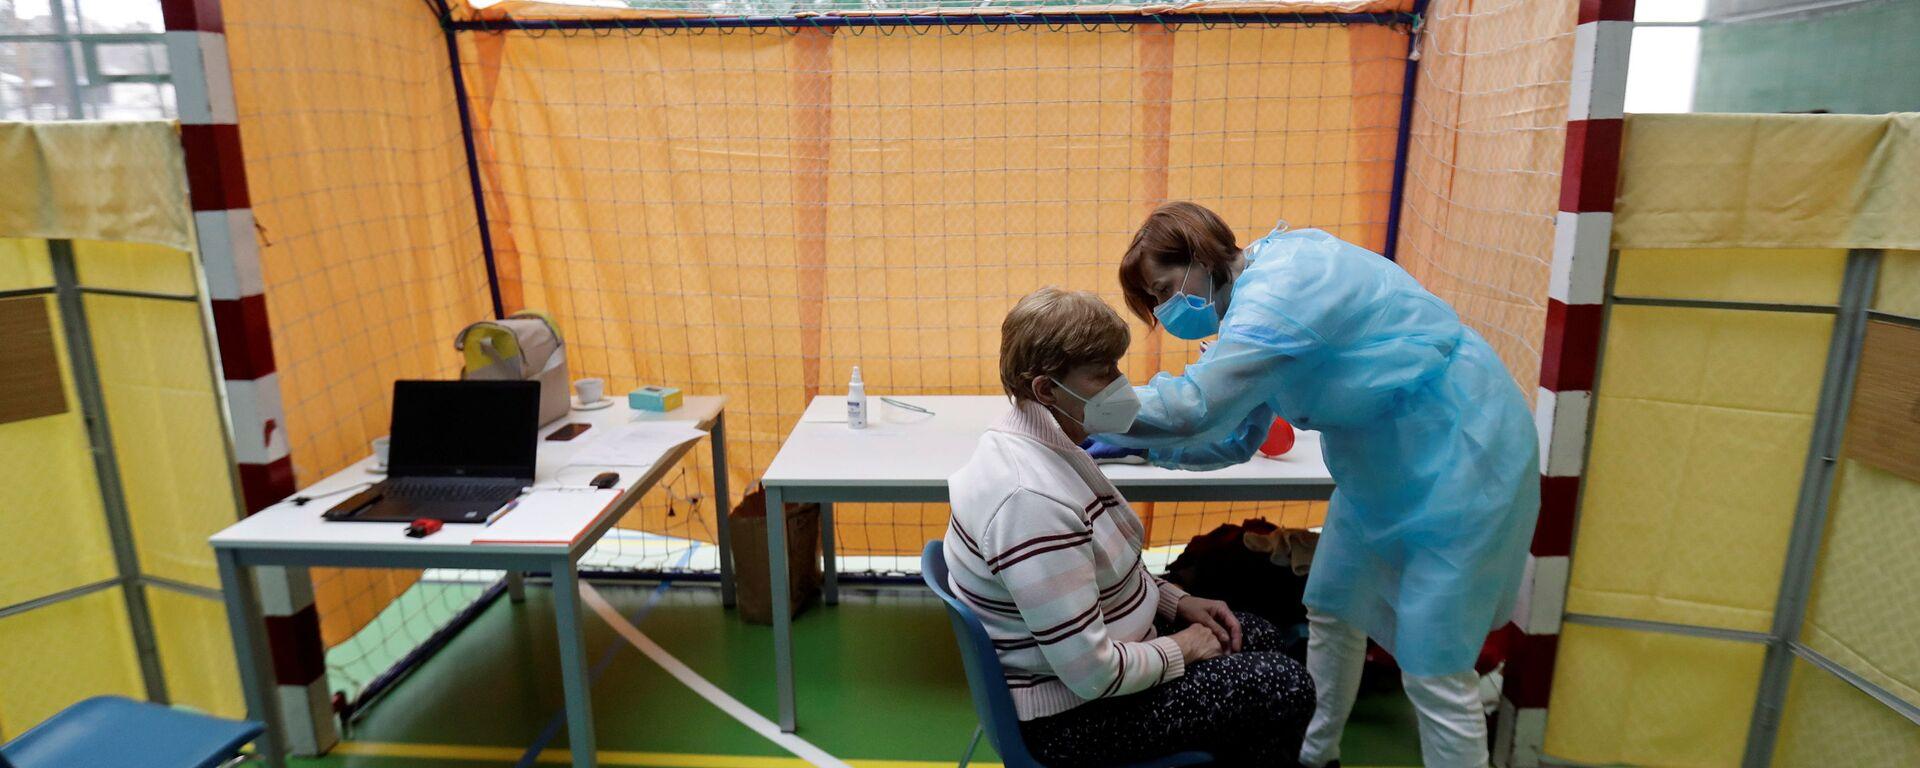 Zdravotník očkuje ženu proti koronaviru v centru hromadné vakcinace v tělocvičně v Praze - Sputnik Česká republika, 1920, 12.07.2021